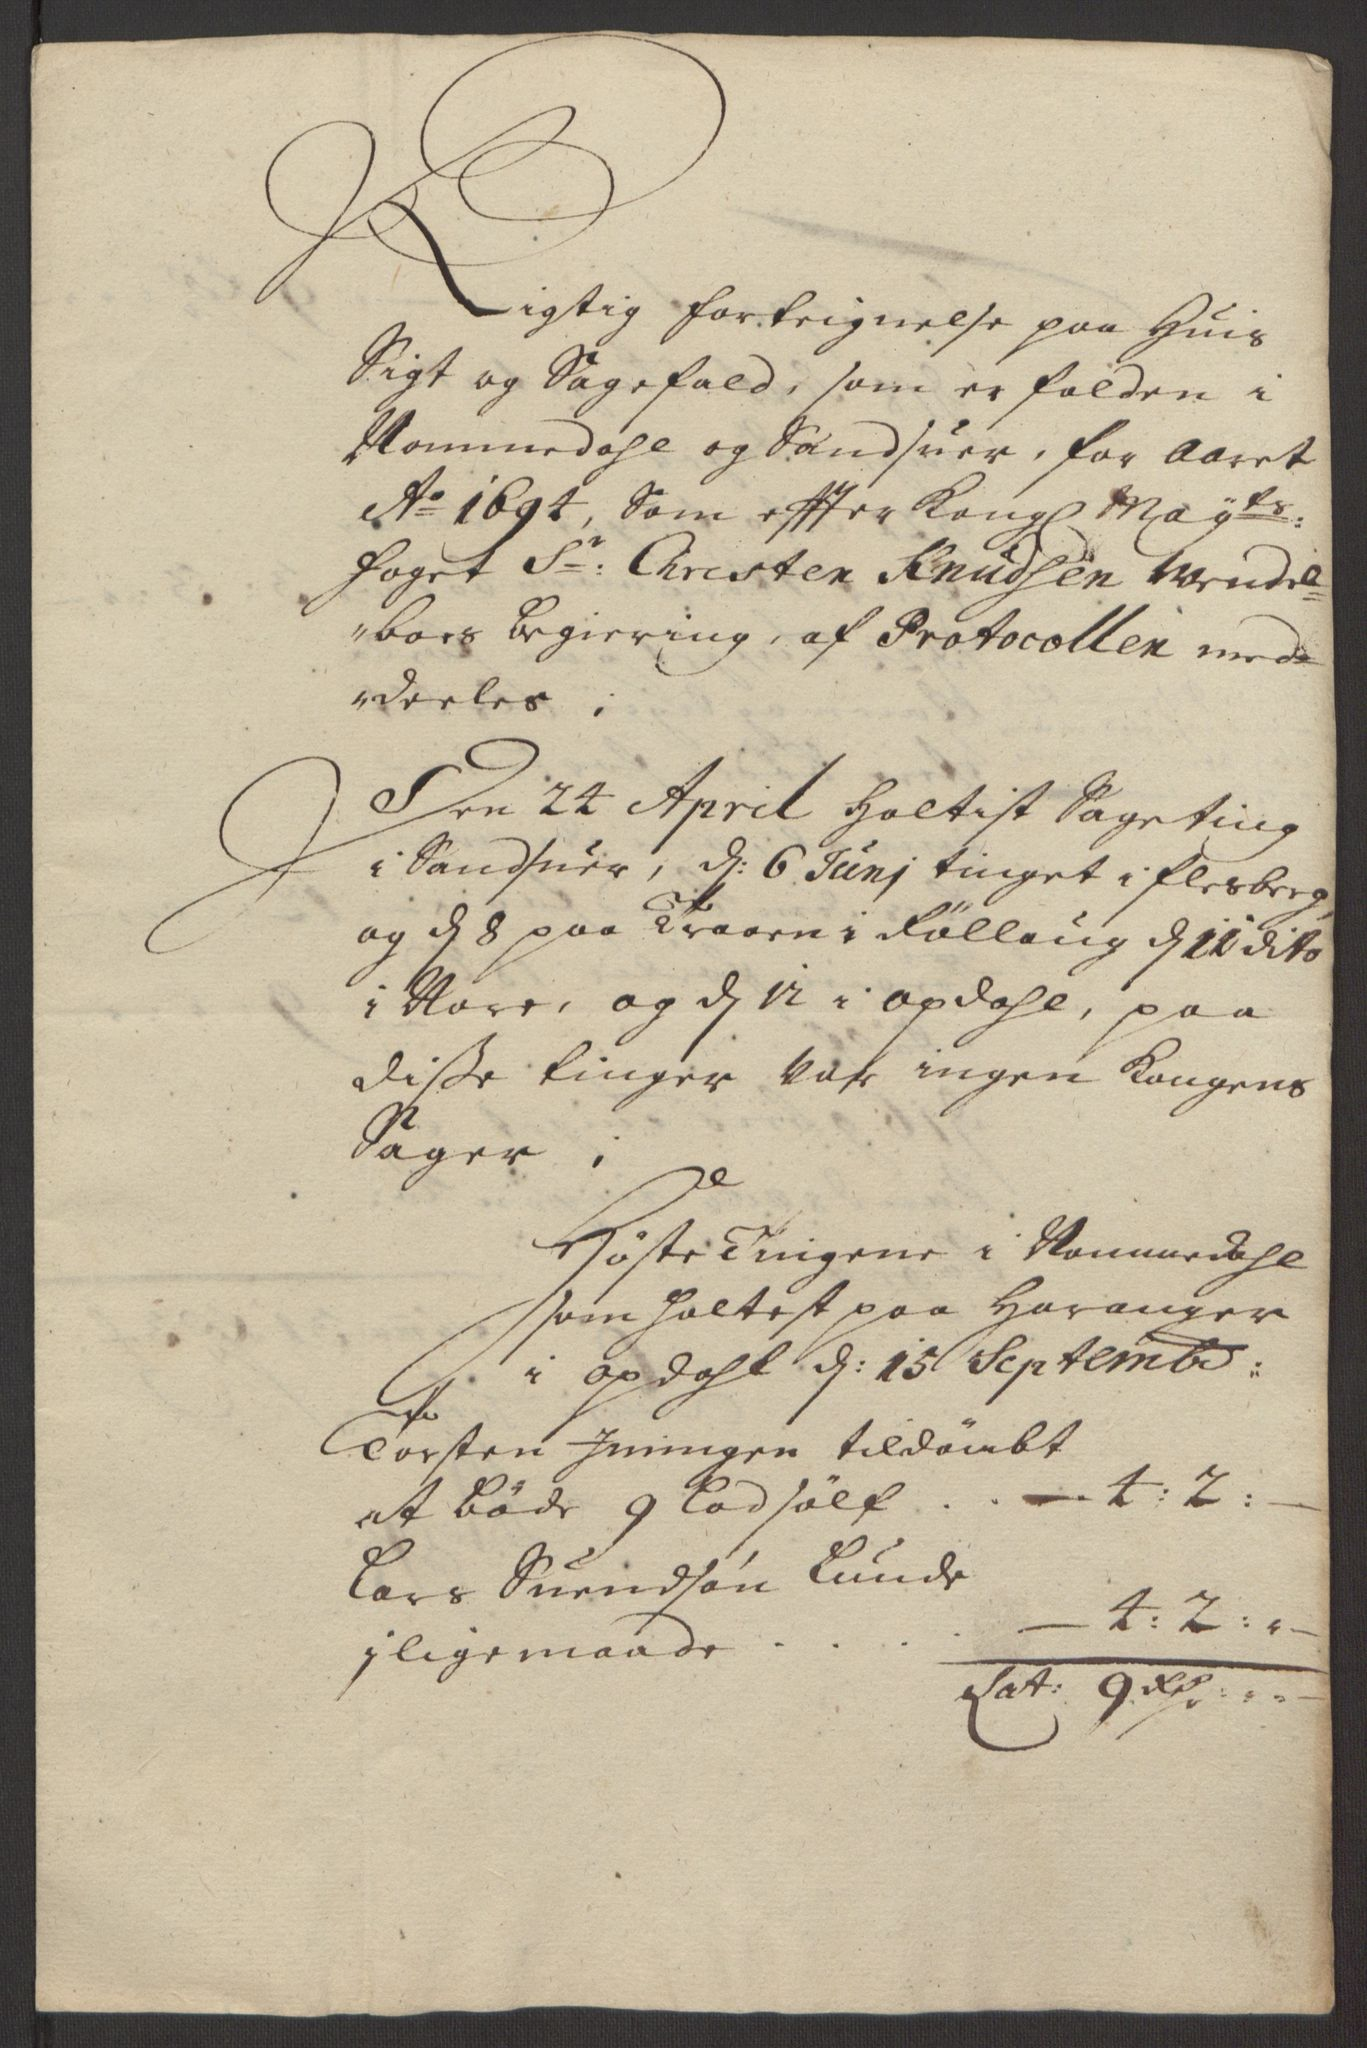 RA, Rentekammeret inntil 1814, Reviderte regnskaper, Fogderegnskap, R24/L1575: Fogderegnskap Numedal og Sandsvær, 1692-1695, s. 211